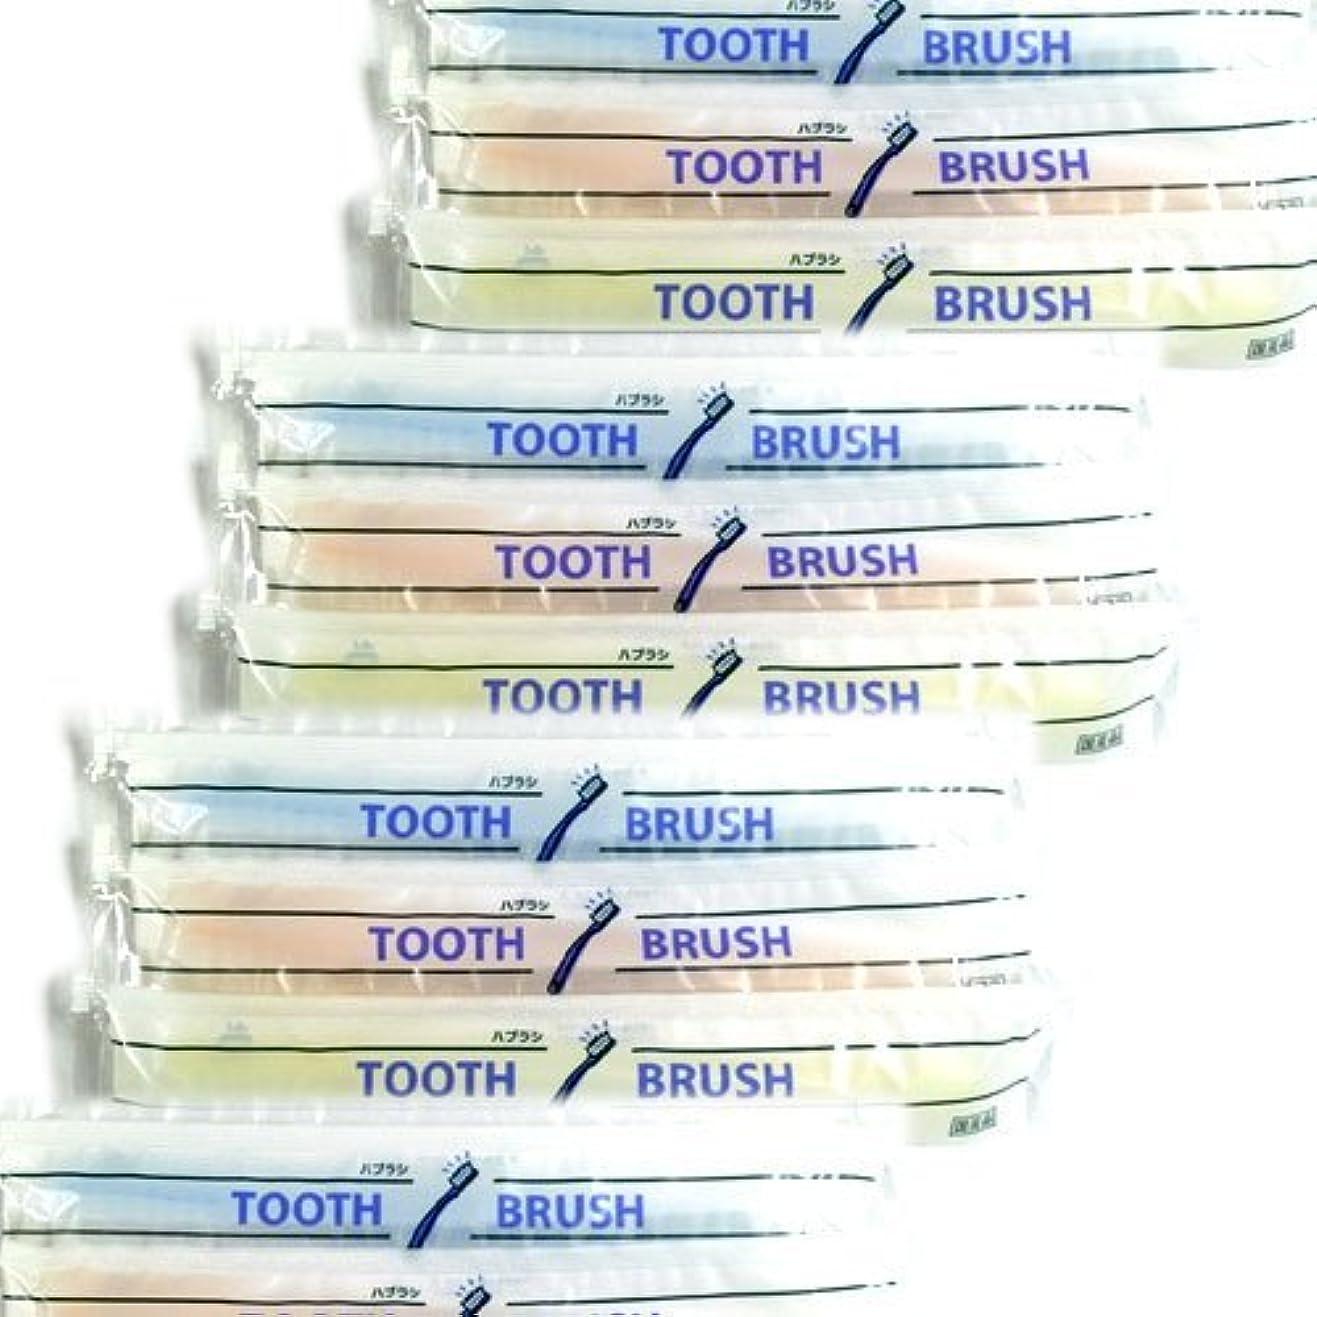 結婚した代理店チャネルホテルアメニティ 業務用 使い捨て(インスタント) 粉付き歯ブラシ × 20個セット